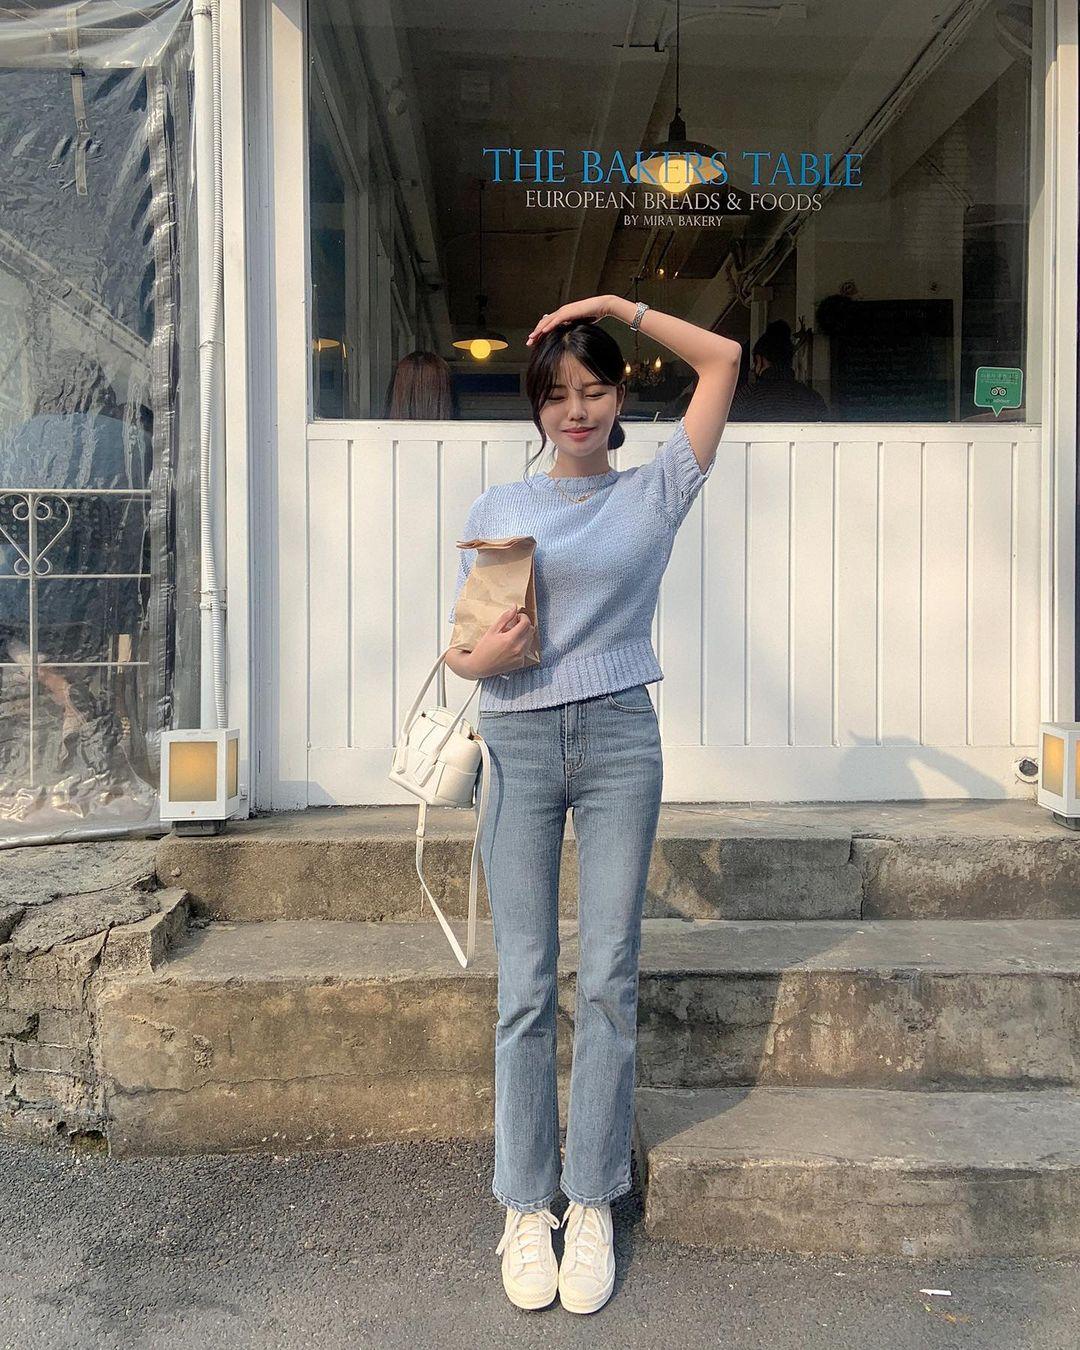 """Học nàng blogger Hàn cách diện jeans """"đỉnh của chóp"""": Vừa hack dáng vừa thanh lịch để diện đến sở làm - Ảnh 1."""